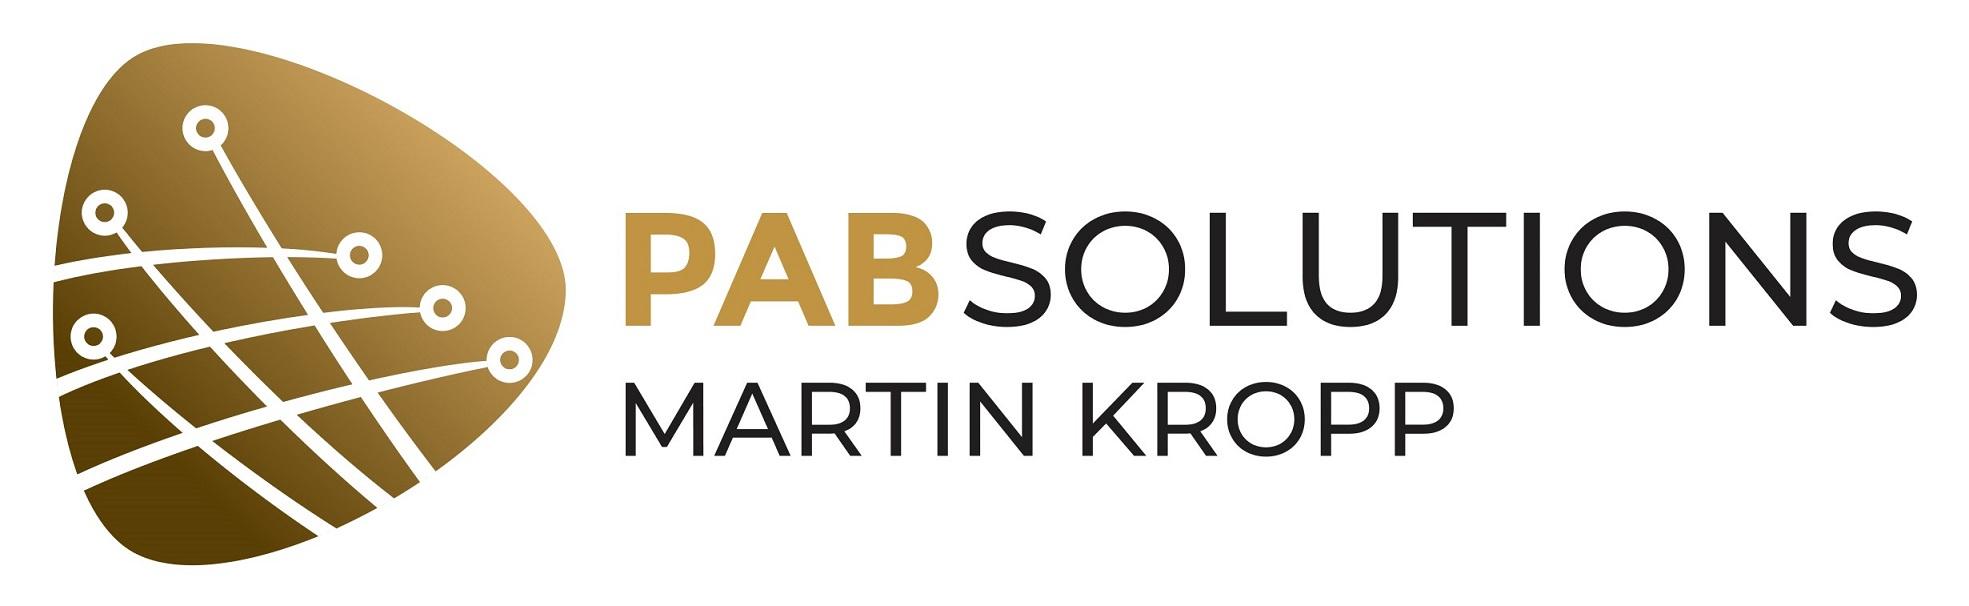 PaB Solutions Martin Kropp